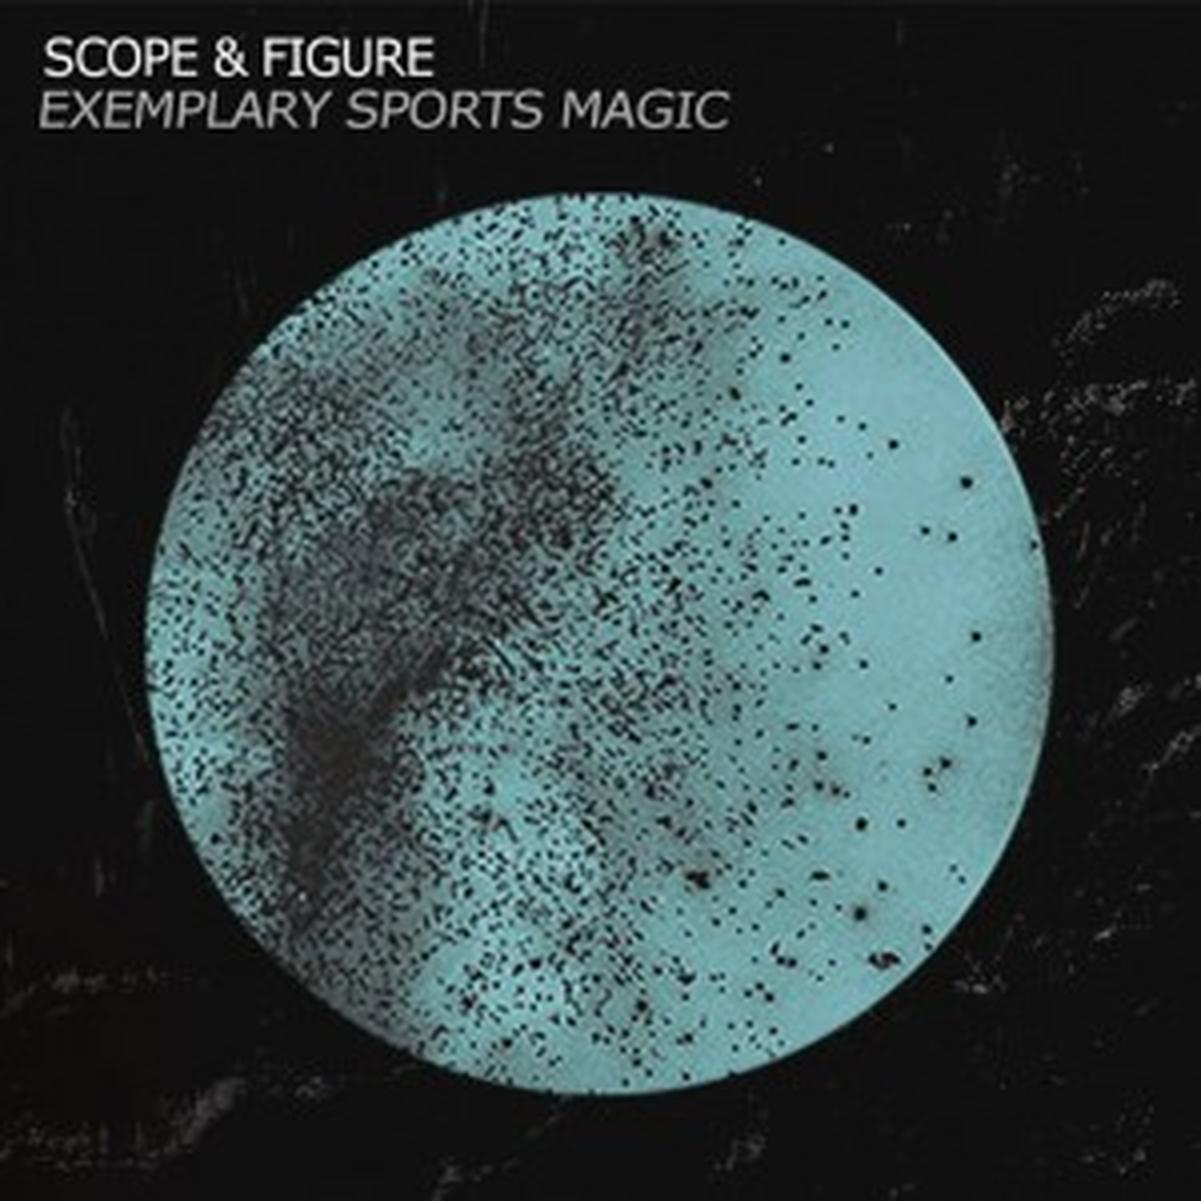 Scope & Figure